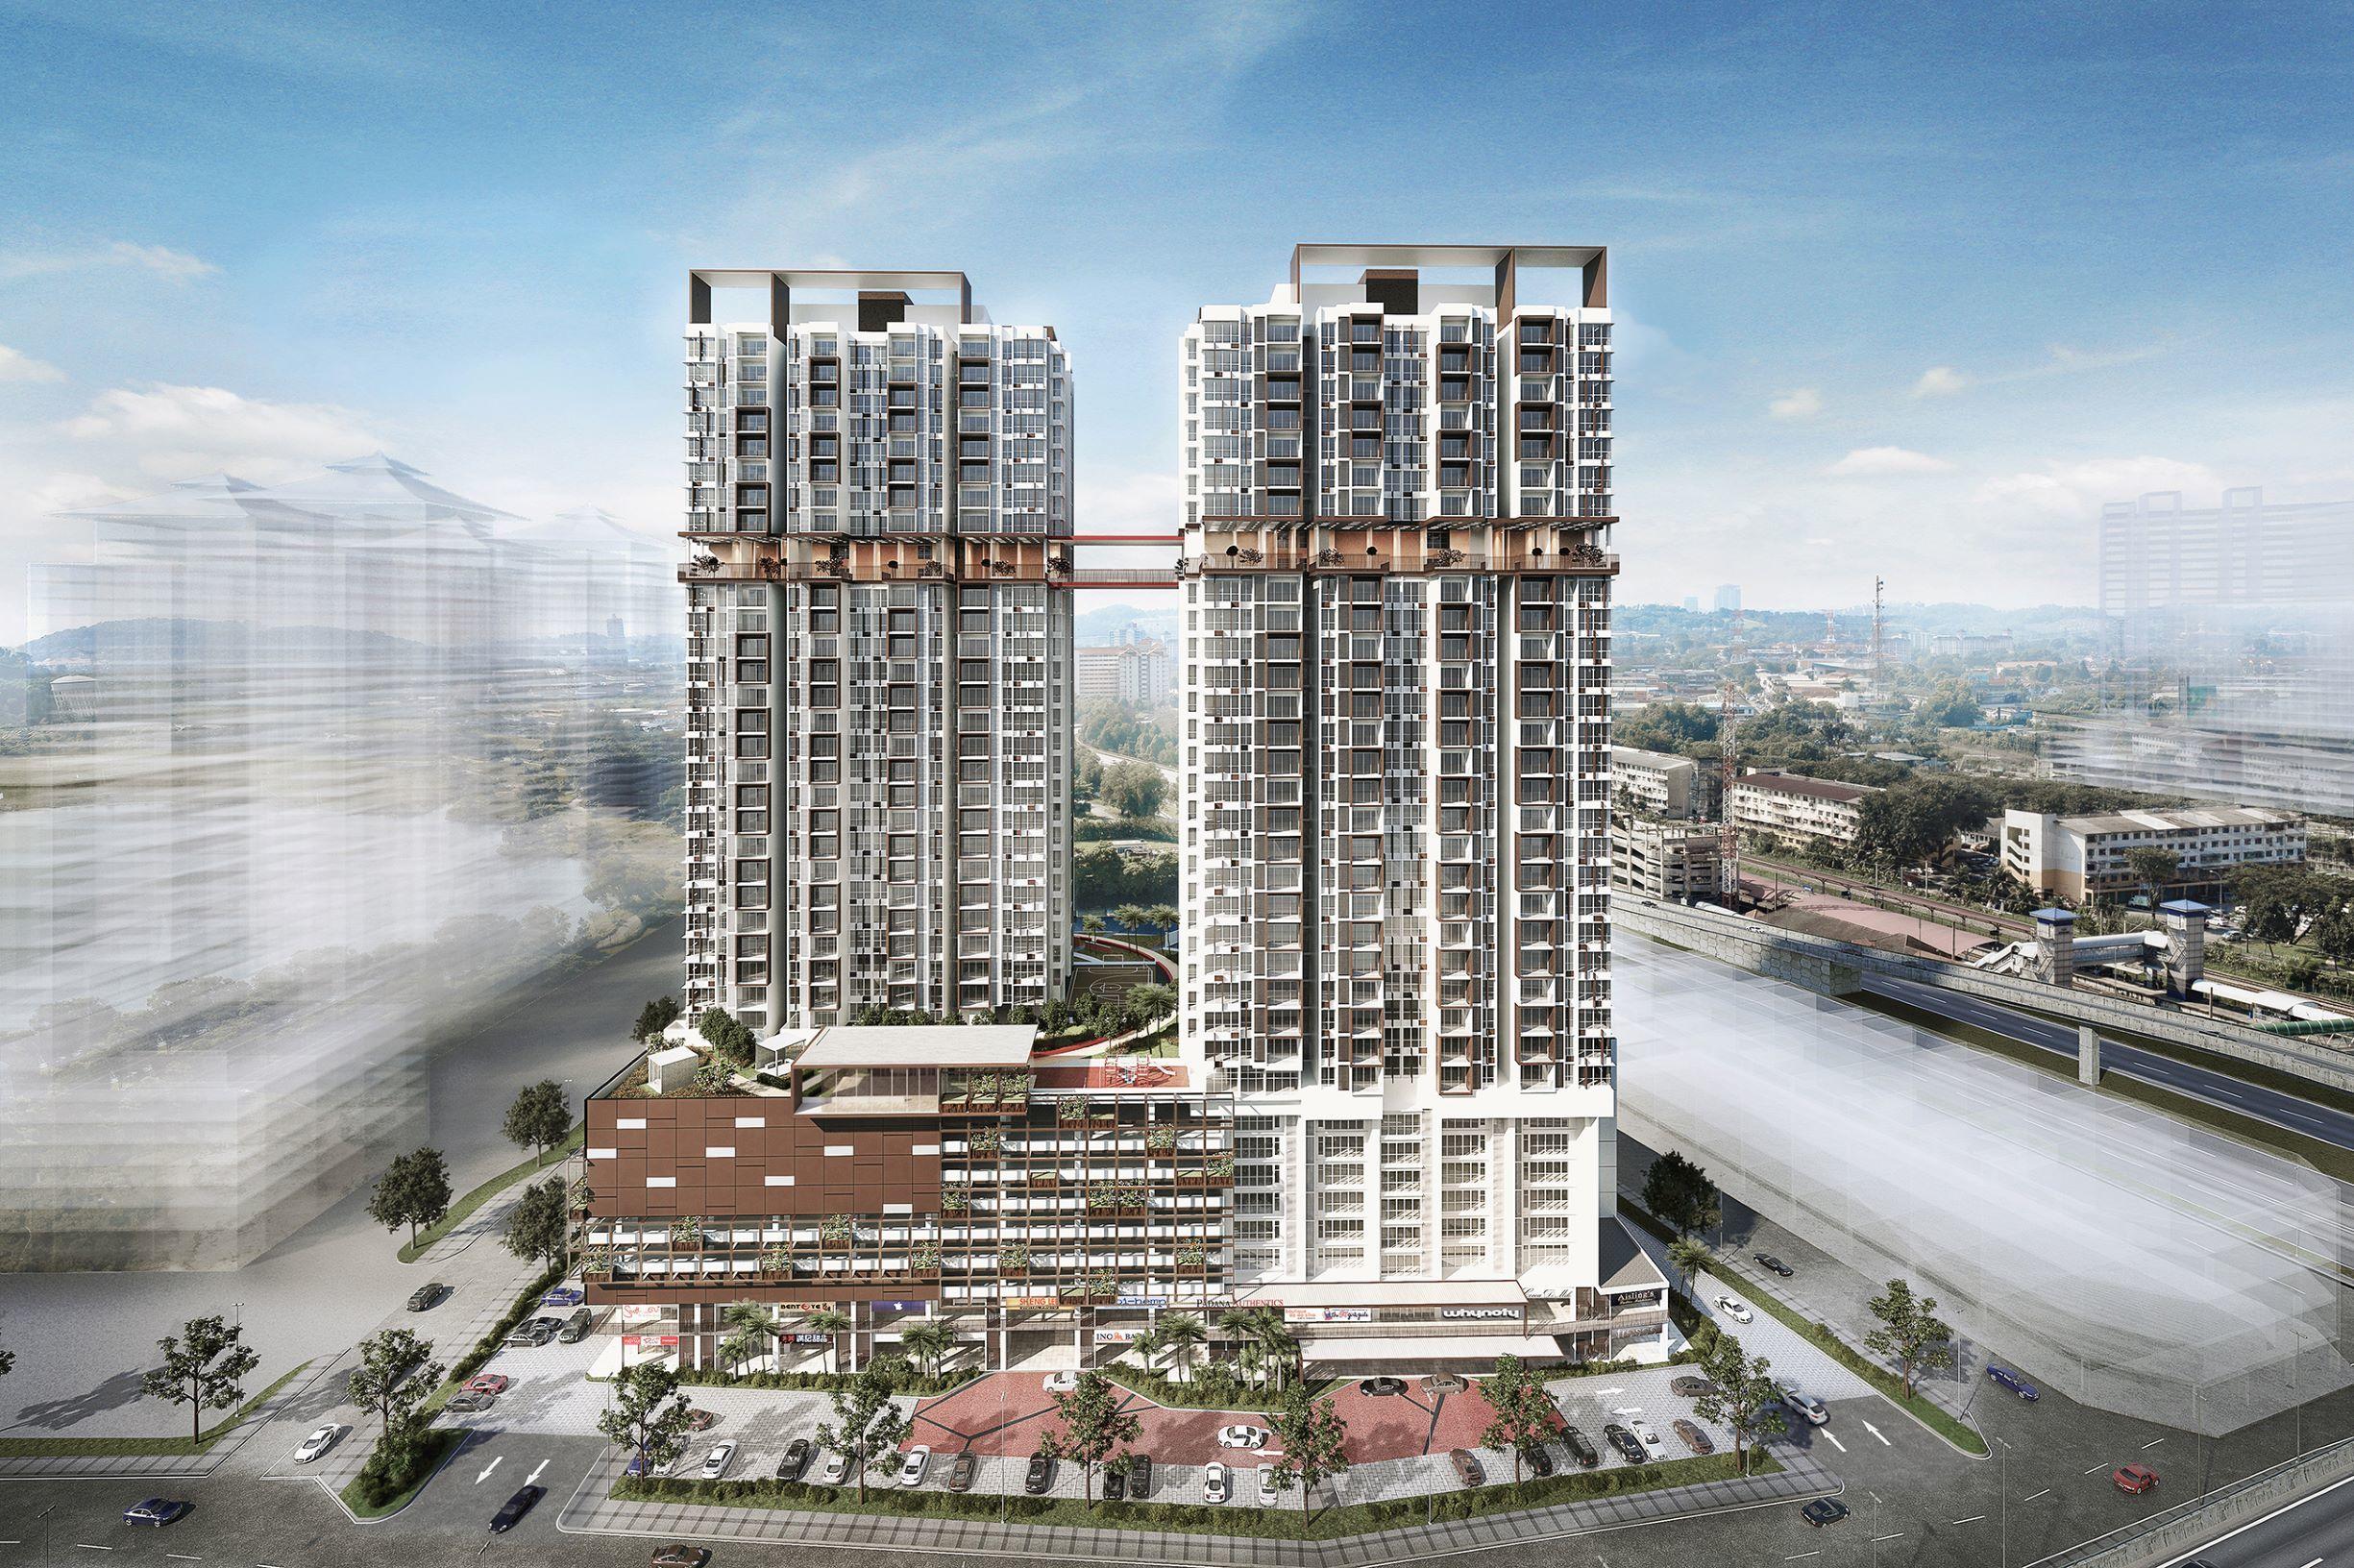 Hua yang astetica 01  facade day